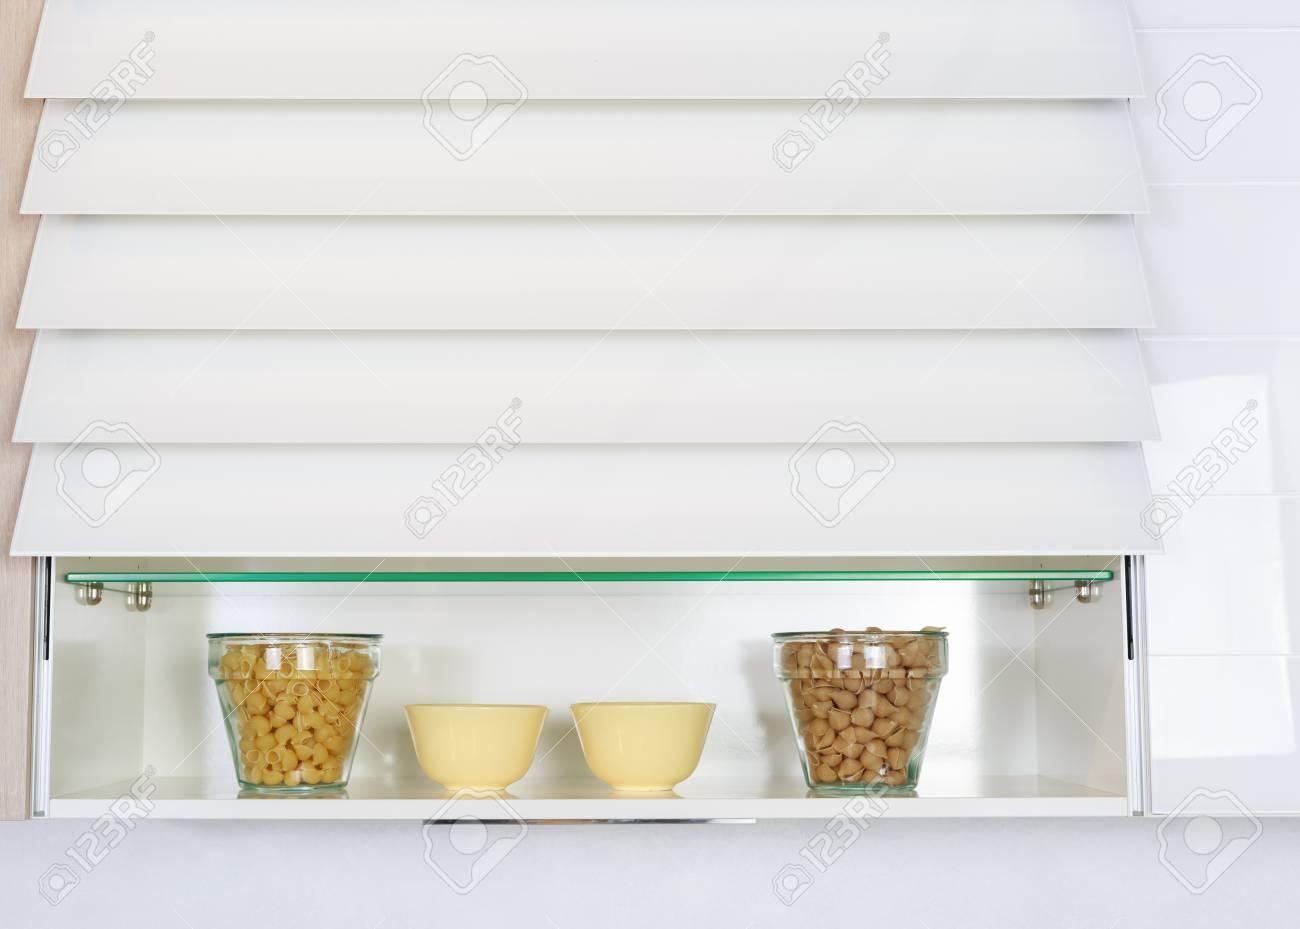 Full Size of Regal Küche Arbeitsplatte Lebensmittelzutaten Auf Einem Kche Fnp Regale Günstig Rosa Led Rustikal 60 Cm Tief Raumteiler Wasserhahn Für Mobile Paletten Wohnzimmer Regal Küche Arbeitsplatte